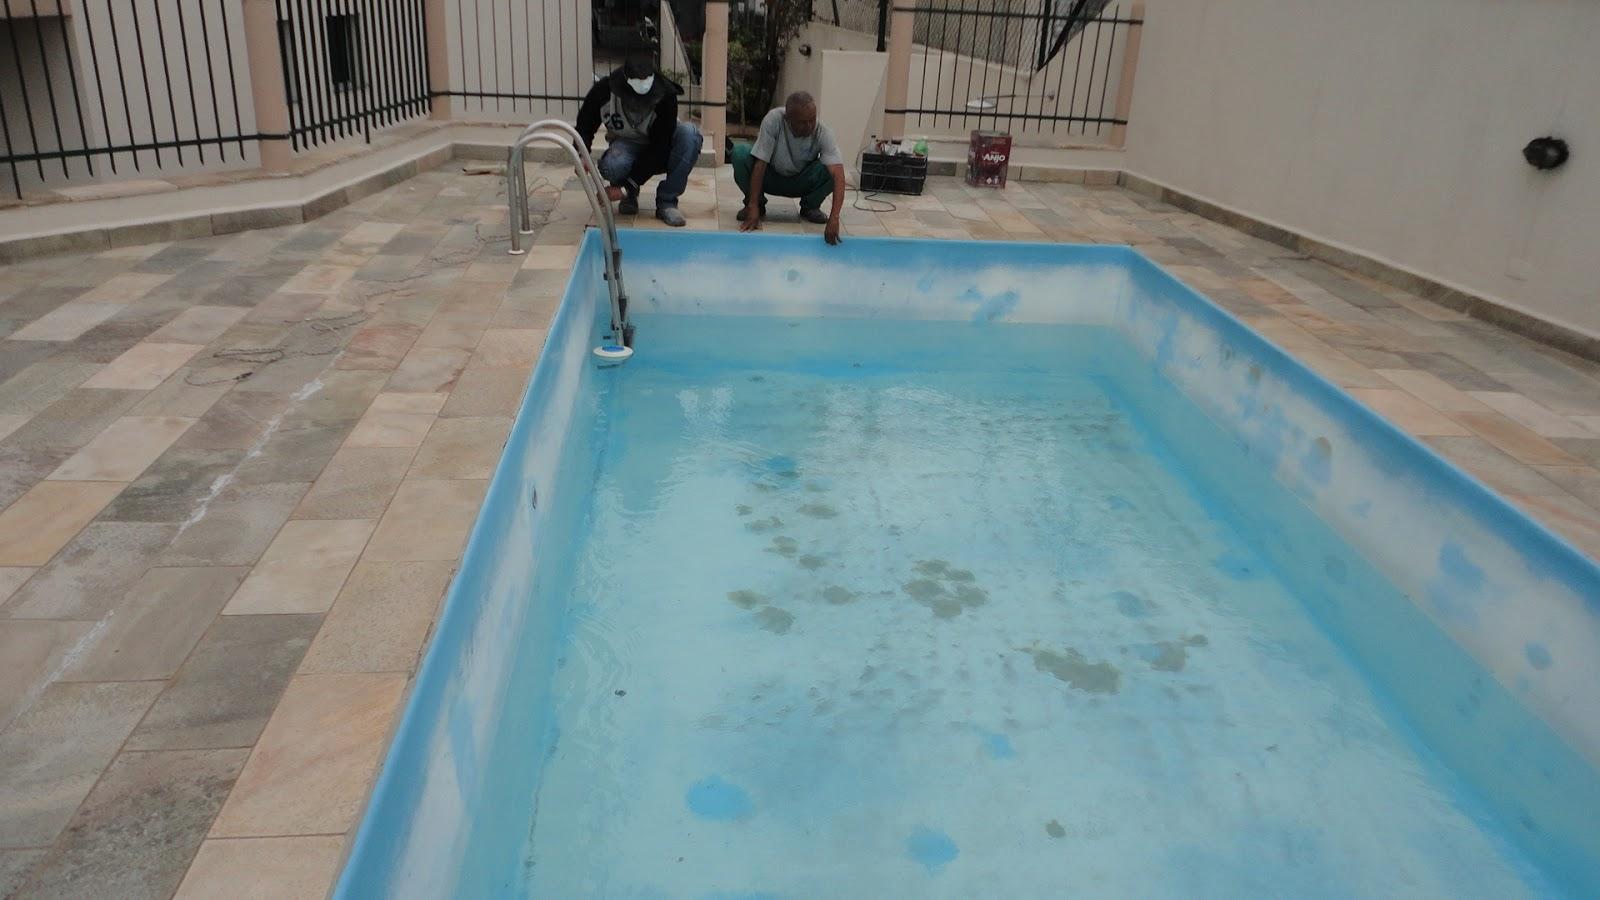 Cooper fibra banheiras pintura de piscinas de fibra de vidro - Pintura de piscina ...